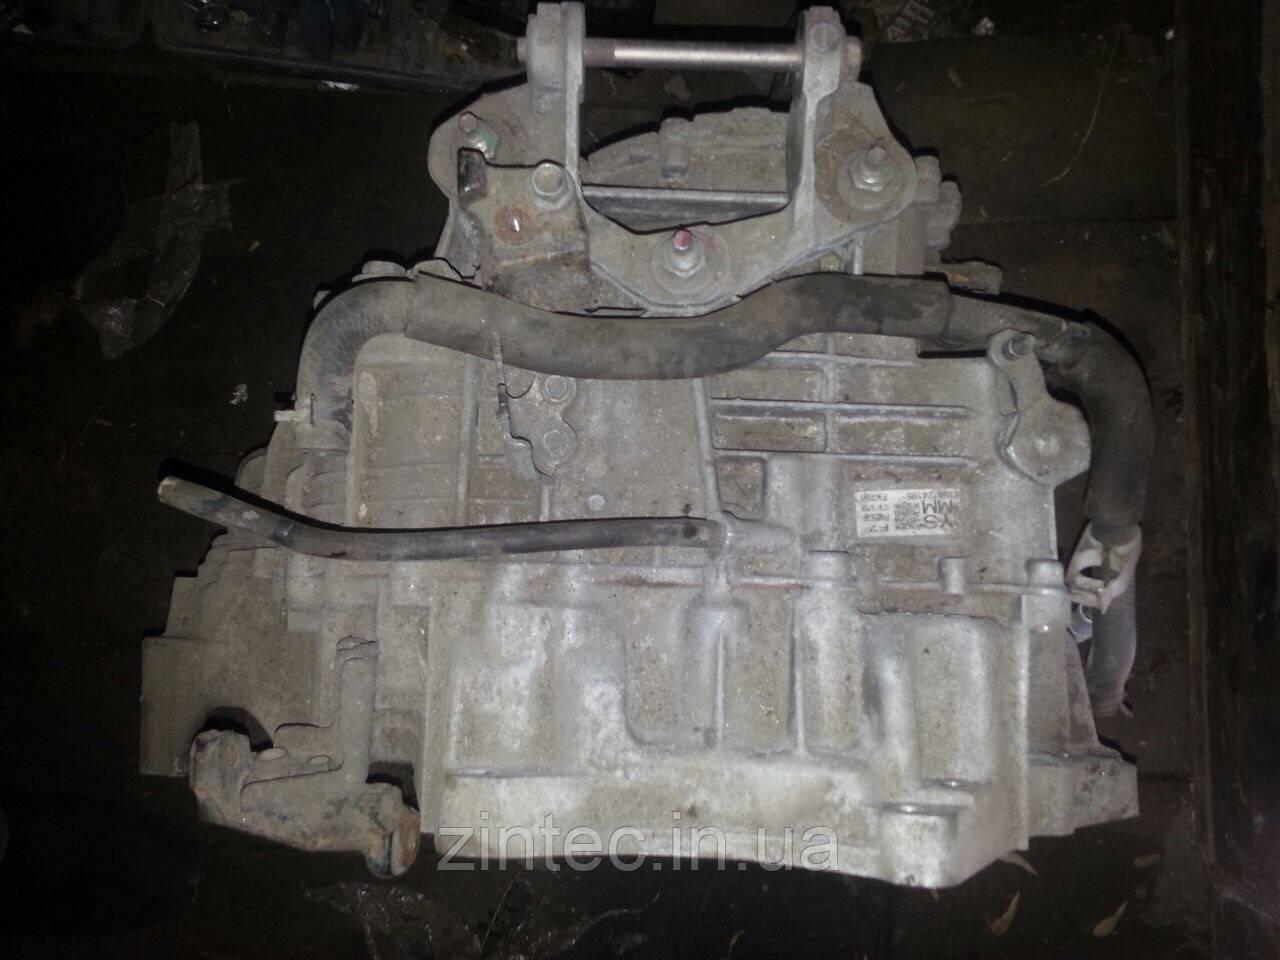 АКПП Mazda CX-5 (2,5 л. бензин) п\п  тел 0995454777